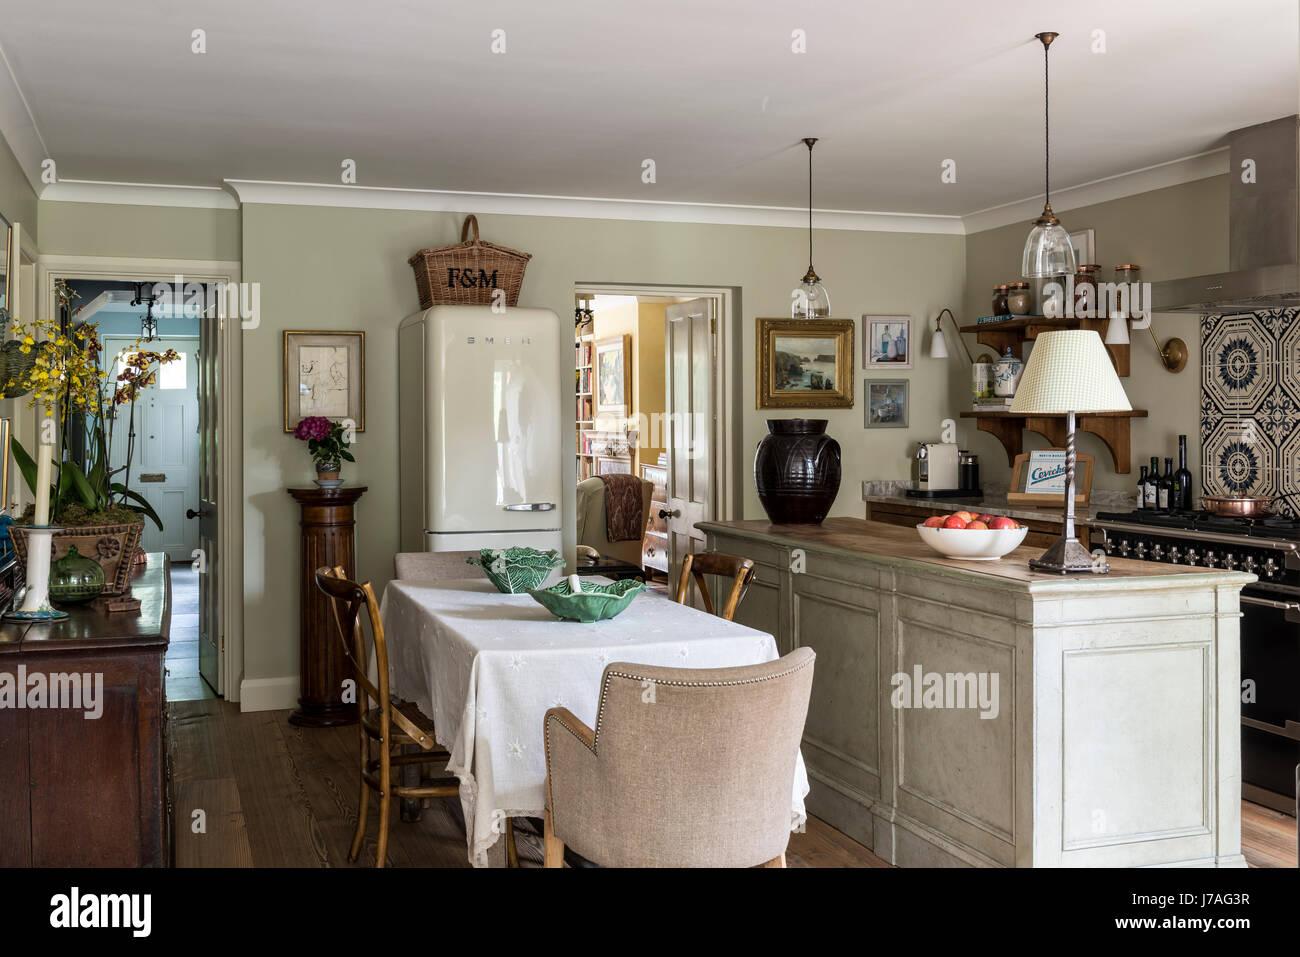 Elegante Traditionelle Gefühl Küche Mit Antiken Esstisch Und Stühlen, Smeg  Kühlschrank Und Metzger Insel. Die Pendelleuchten Sind Von Hector Finch